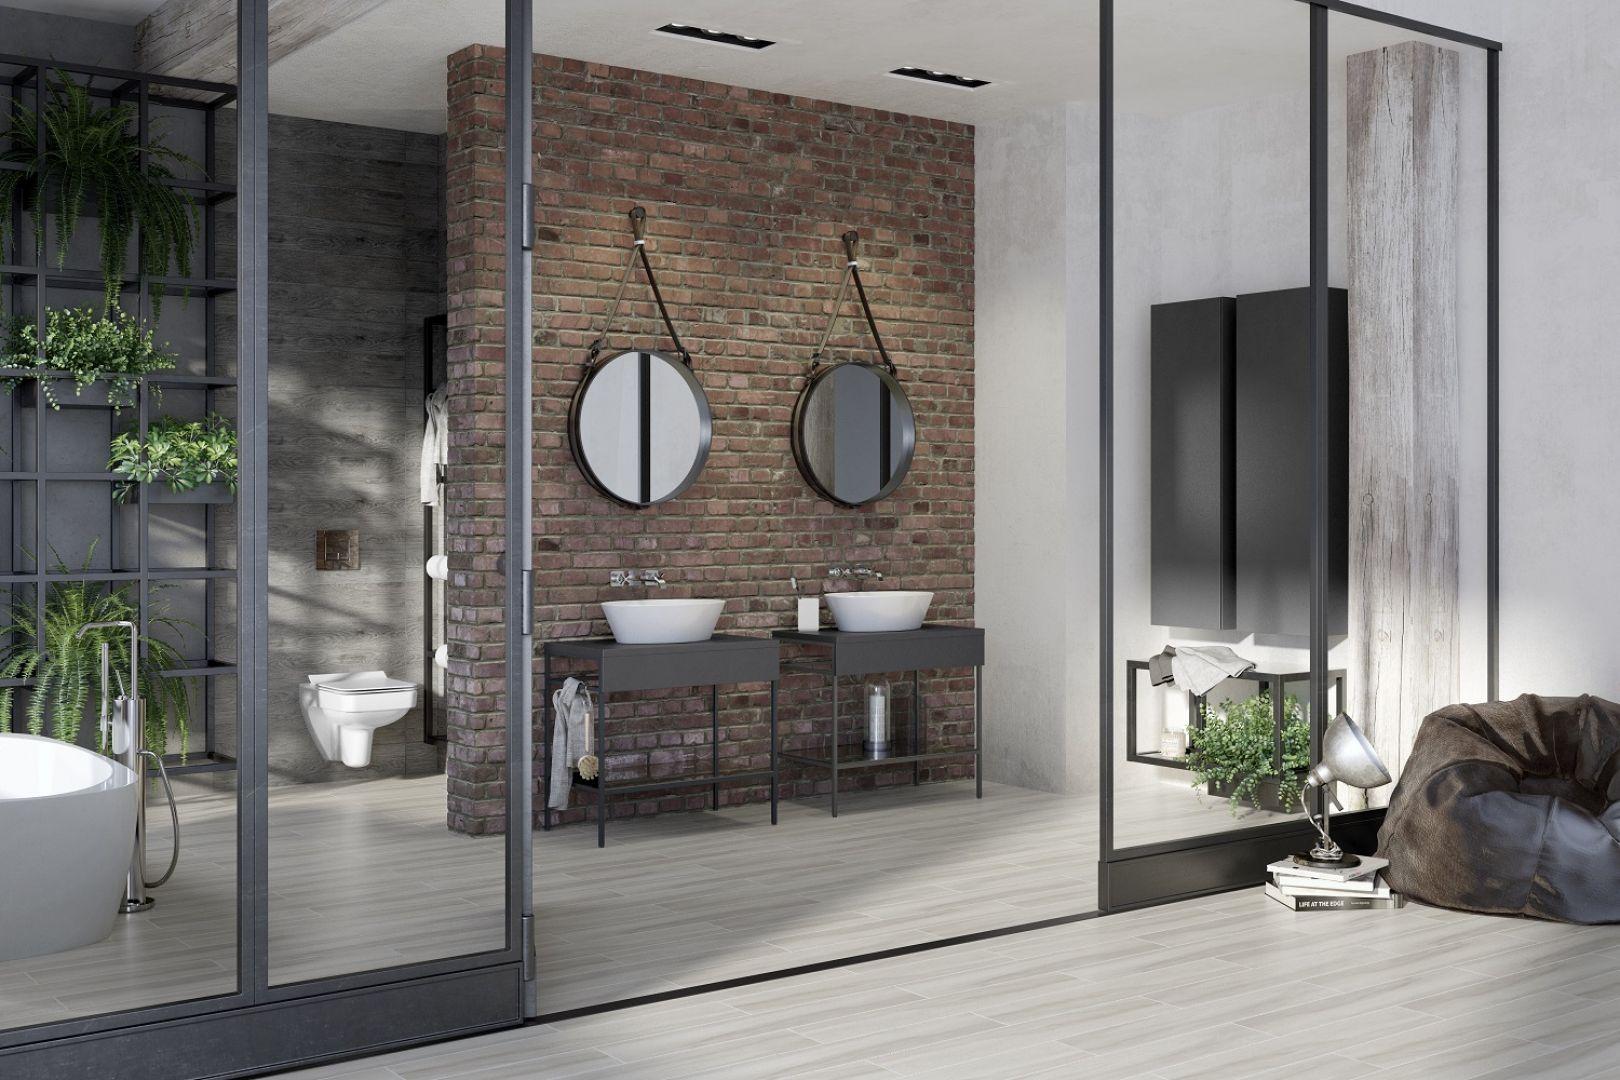 Meble łazienkowe z kolekcji Splendour idealnie wpisują się w styl industrialny. Fot. Opoczno